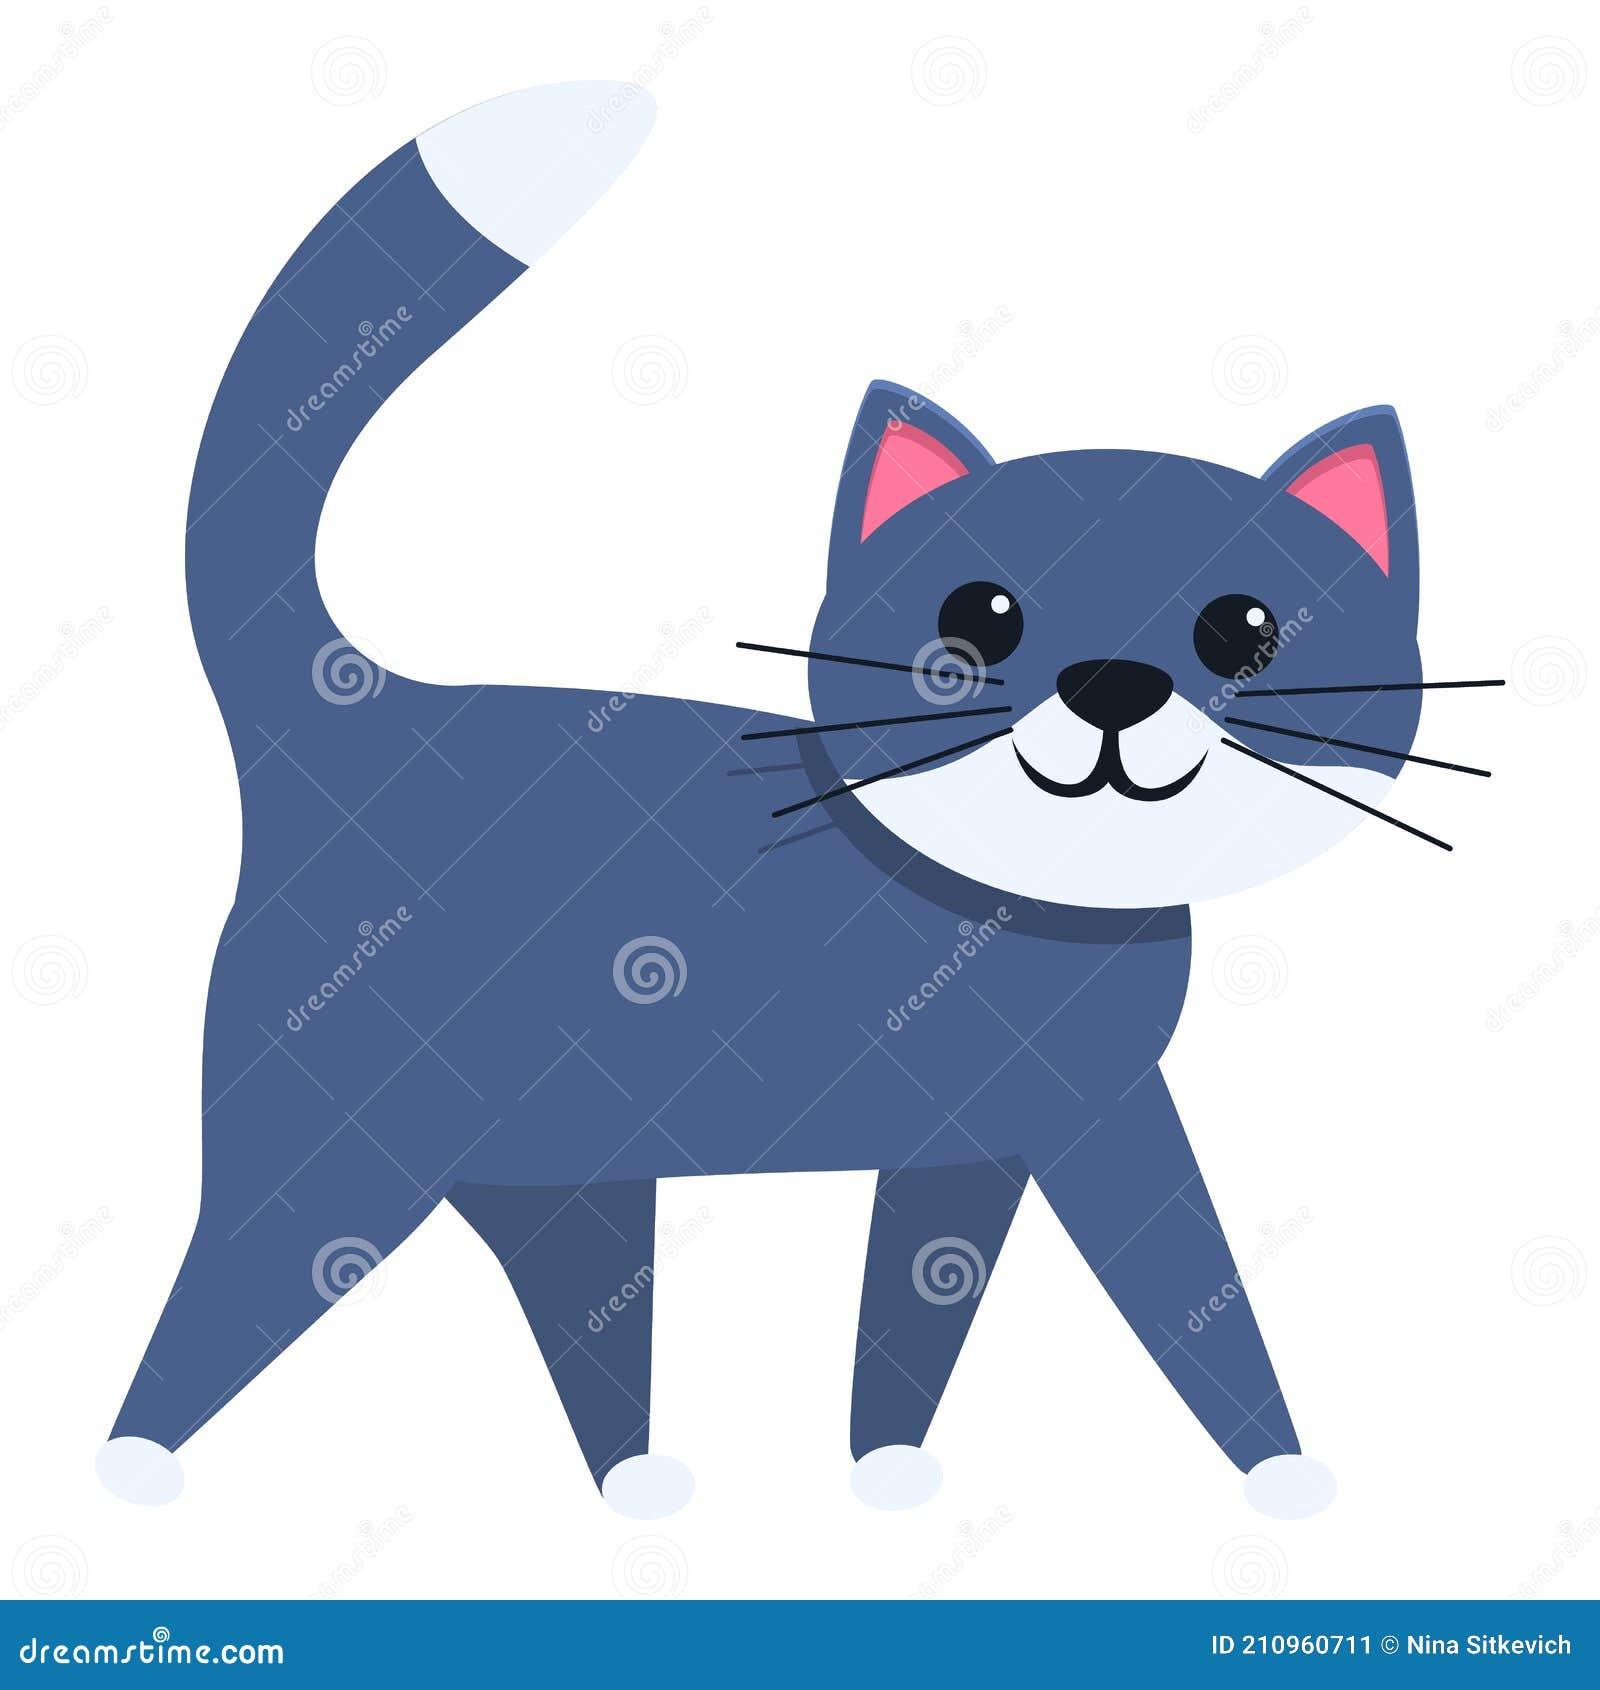 Cat Walking Icon Cartoon Style Stock Vector Illustration Of Kitten Clipart 210960711